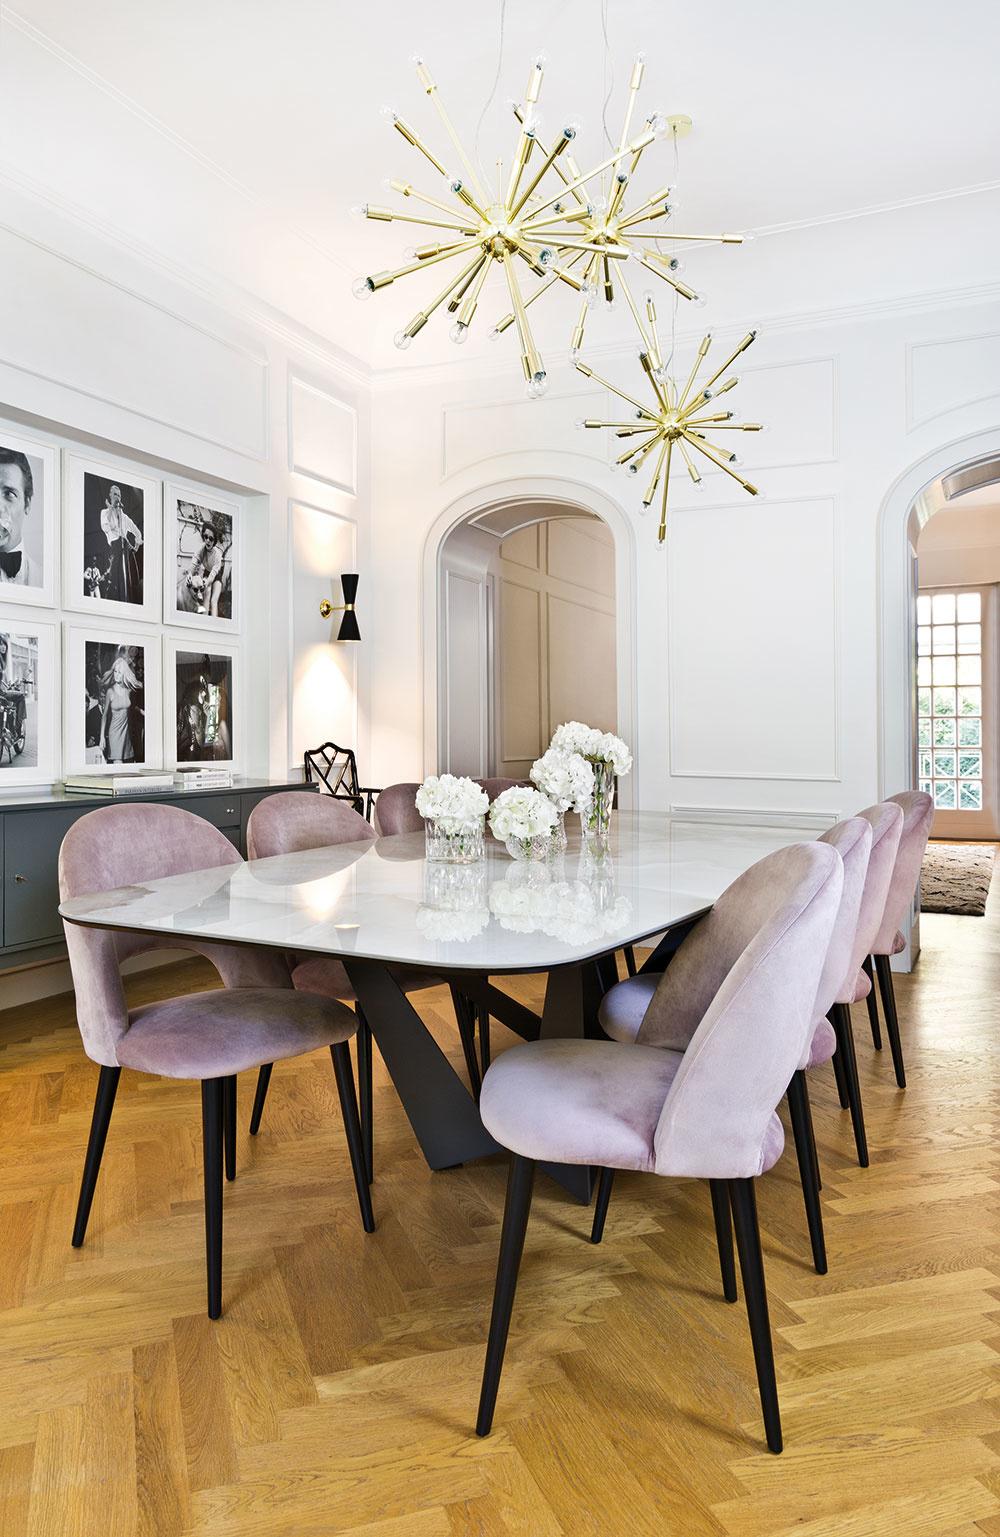 Pre majiteľku bytu je okrem obývačky srdcovou záležitosťou aj jedáleň. Oceňuje vnej najmä spojenie dlhého stola spalácovým osvetlením, od ktorého sa nedá odtrhnúť zrak. Efektným prvkom aranžovania sú tiež moderné aštýlové stoličky so zamatovým čalúnením.